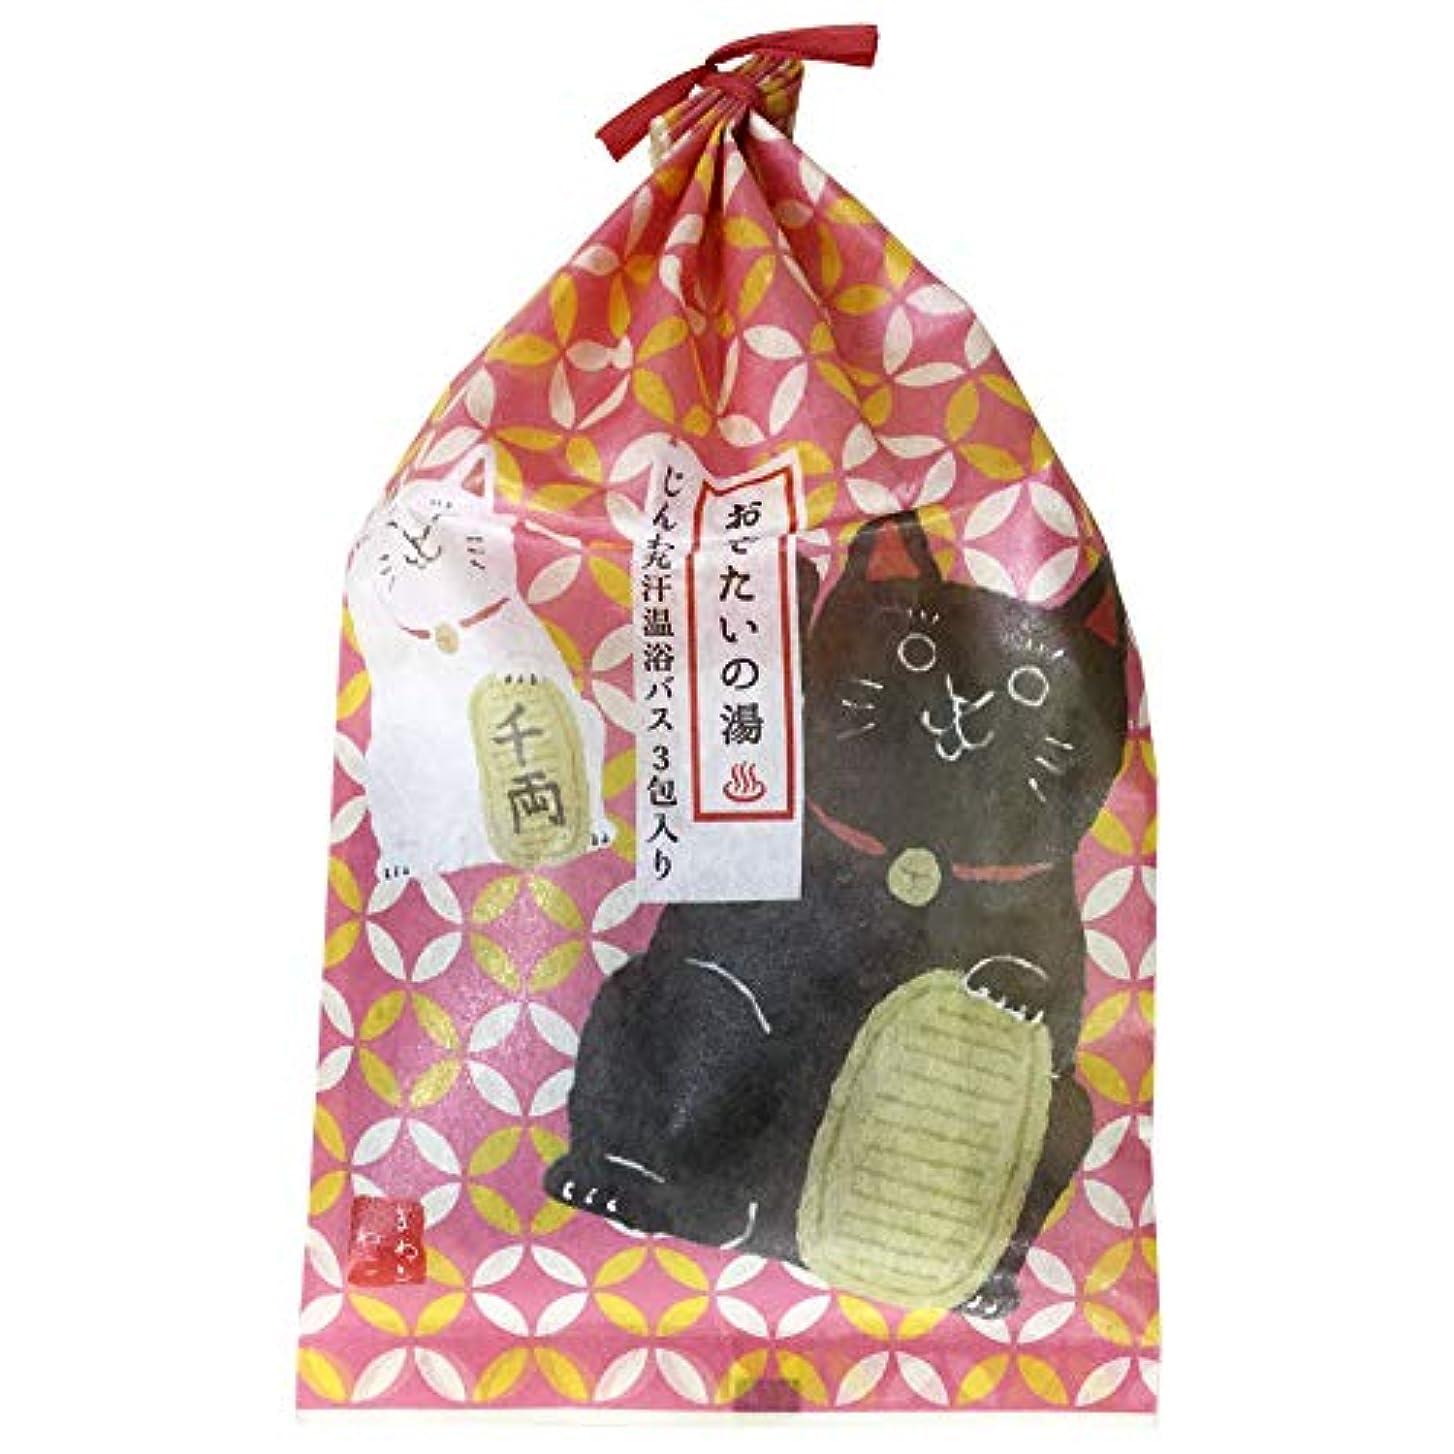 ギャロップジャンプ独創的【招き猫(60789)】 チャーリー おめでたいの湯 バスバッグ3包入り 日本製